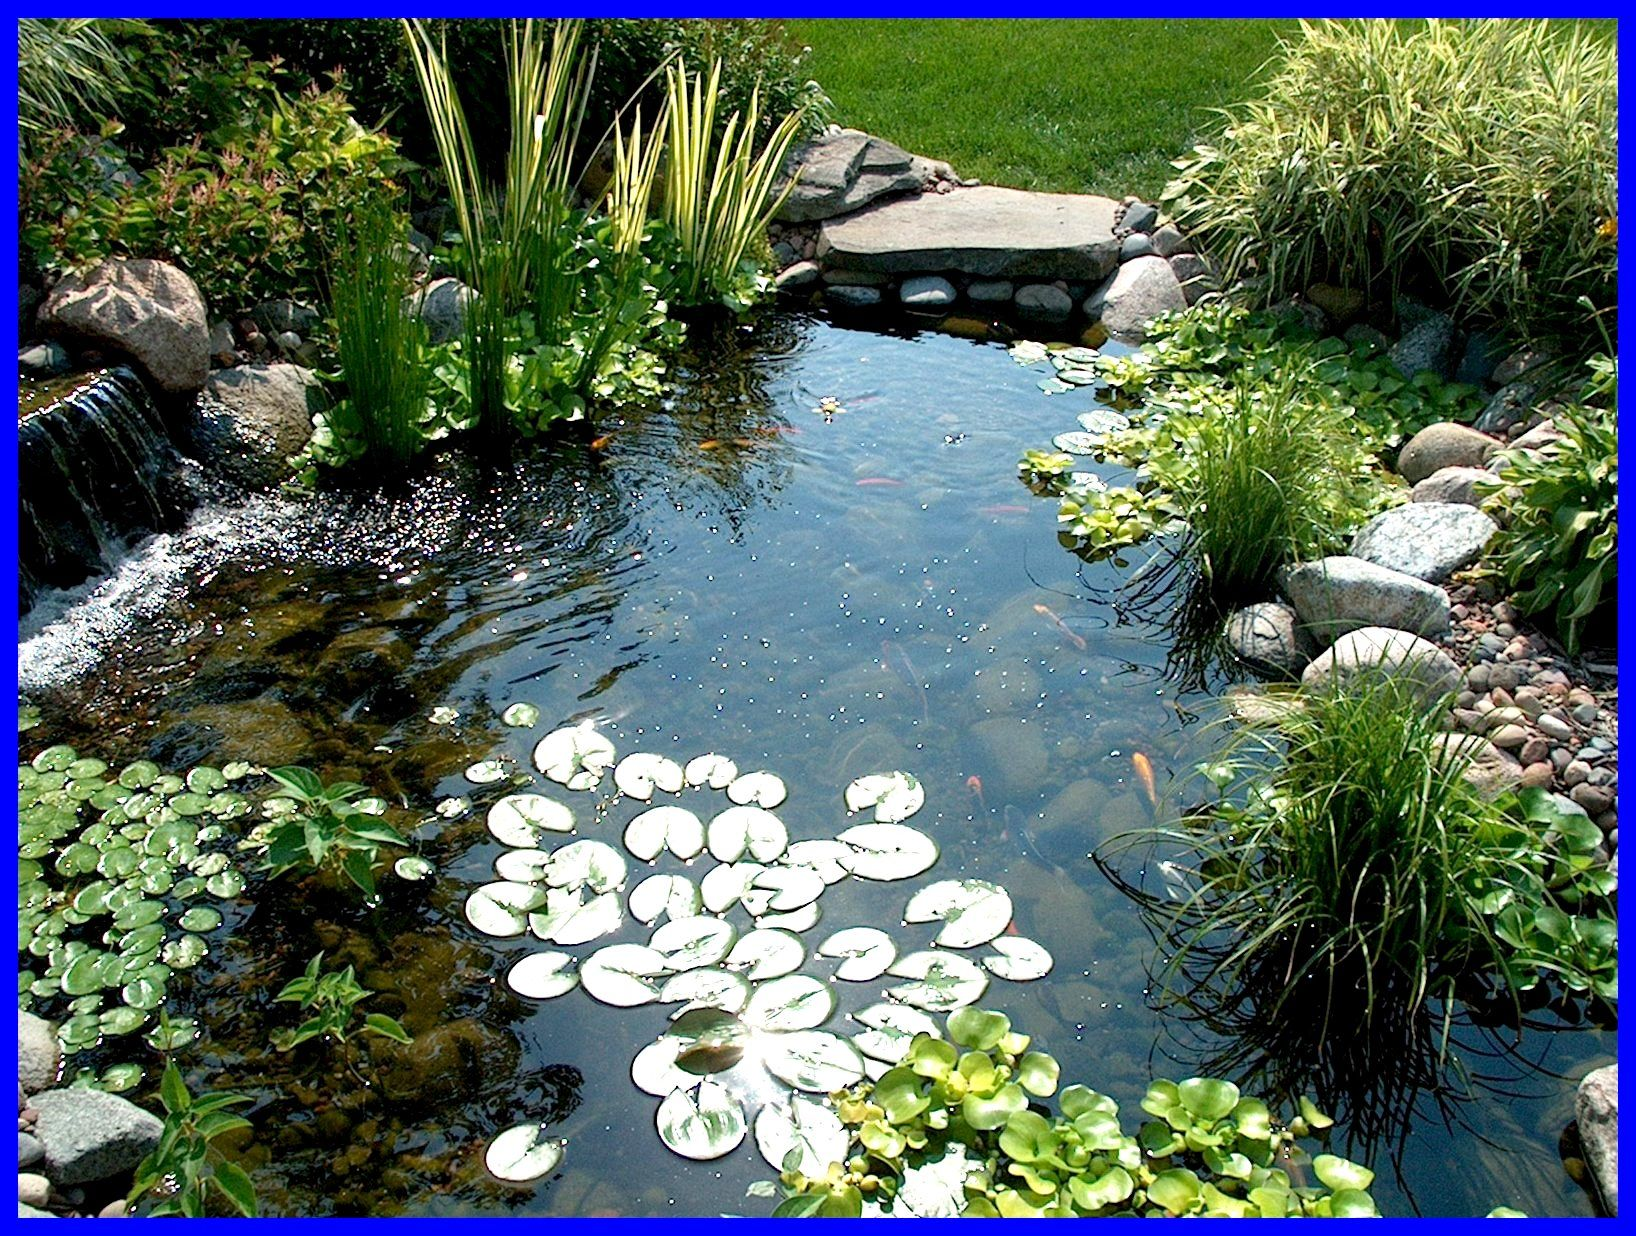 bonne idee pour le bassin | Ponds backyard, Small backyard ... on Small Backyard Pond With Waterfall id=48420